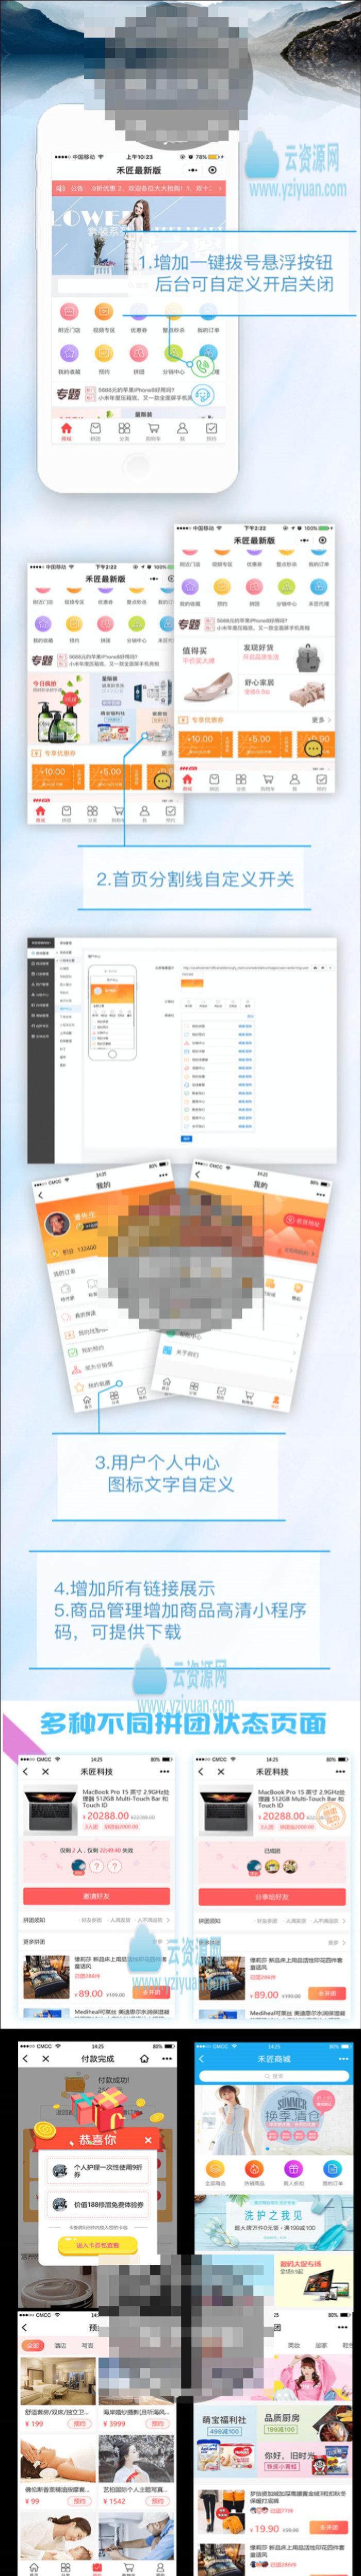 禾匠小程序商城獨立站點版源碼.3.1.20商業版免費下載